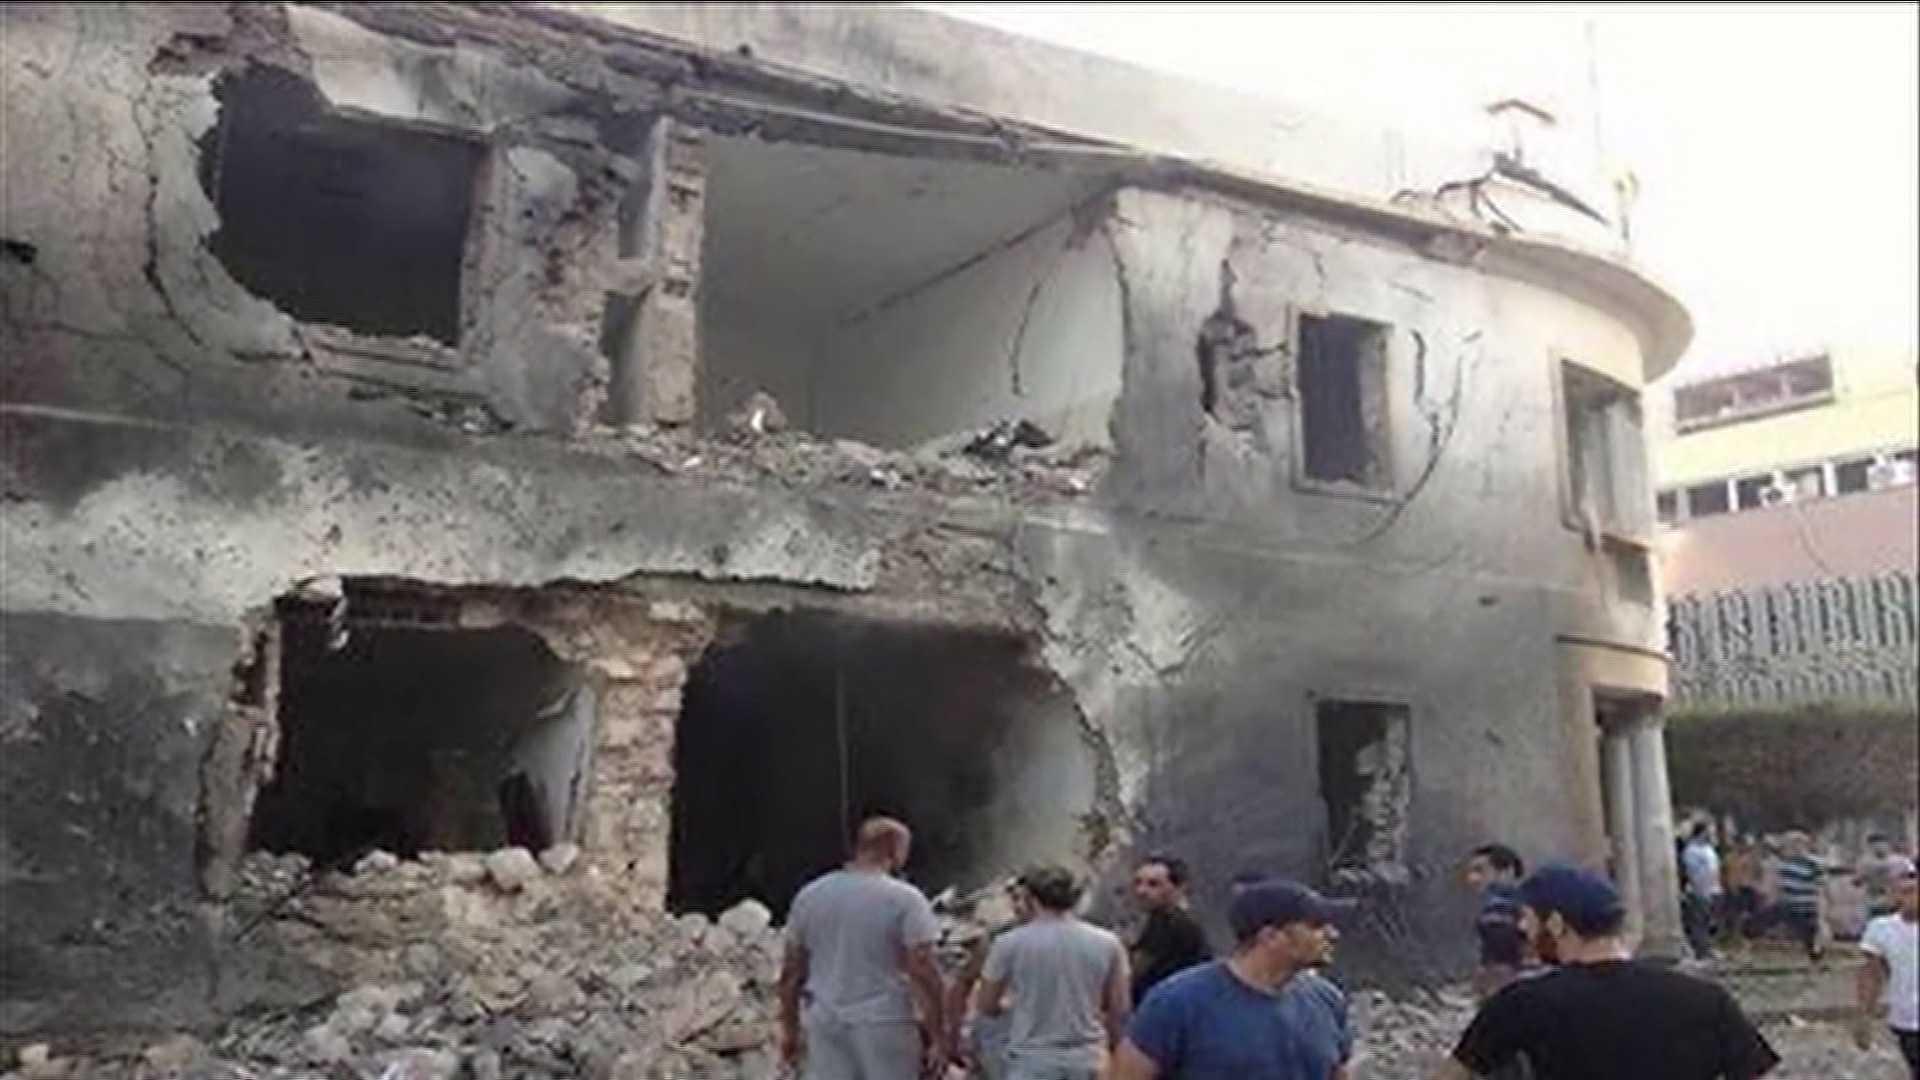 Benghazi blast